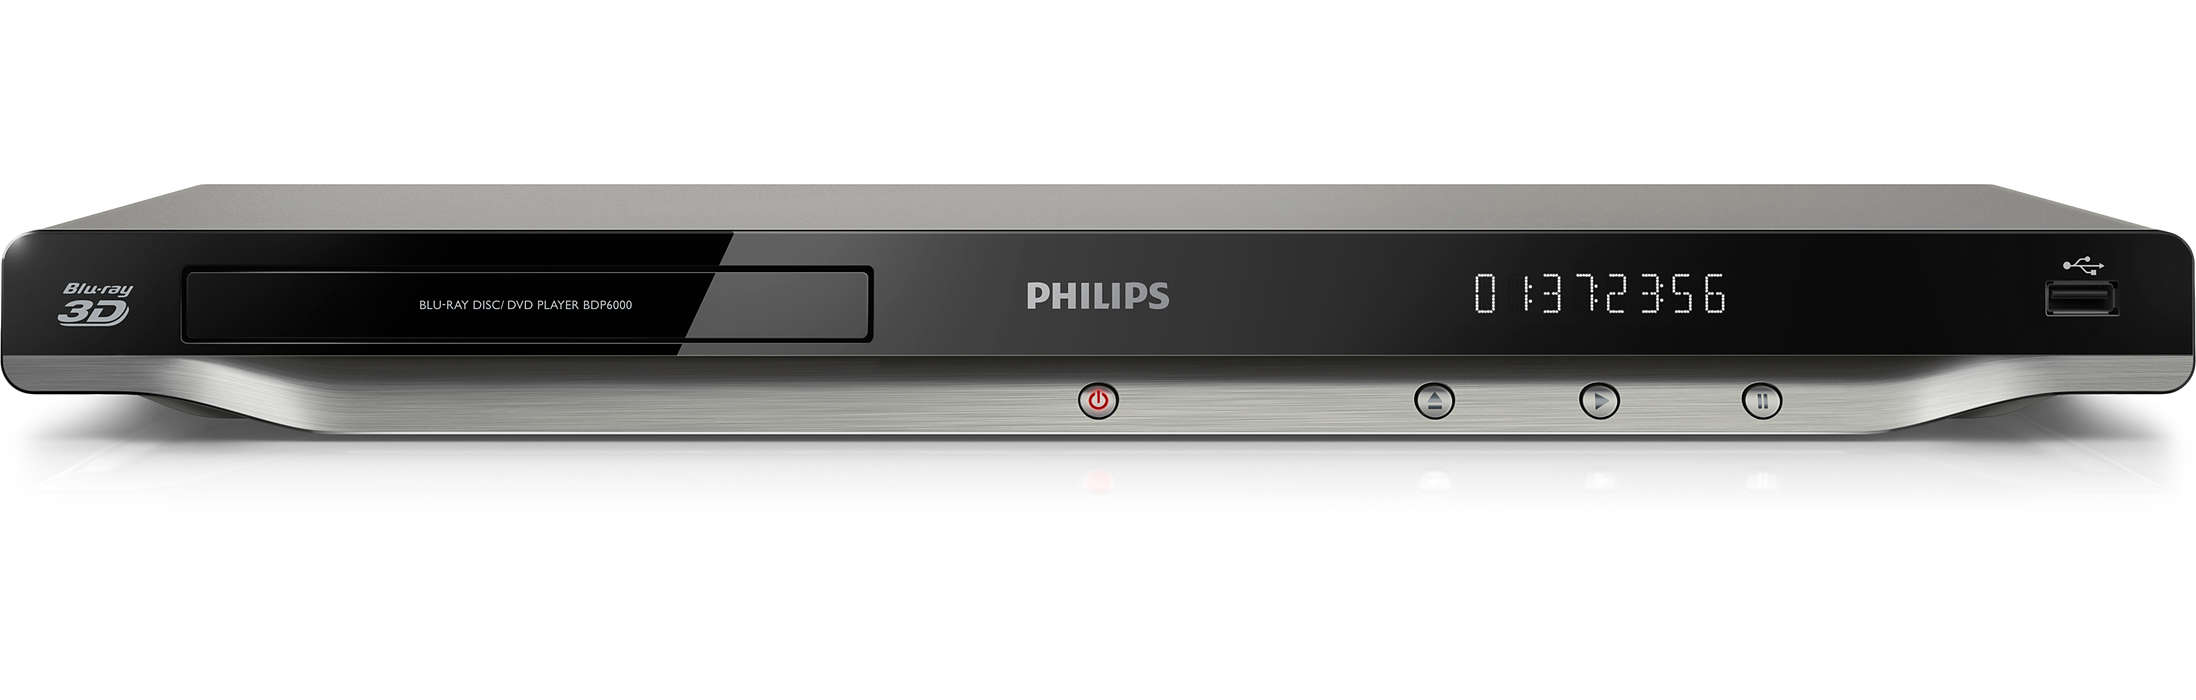 Blu-ray 3D a to najlepšie zInternetu vo Vašom televízore